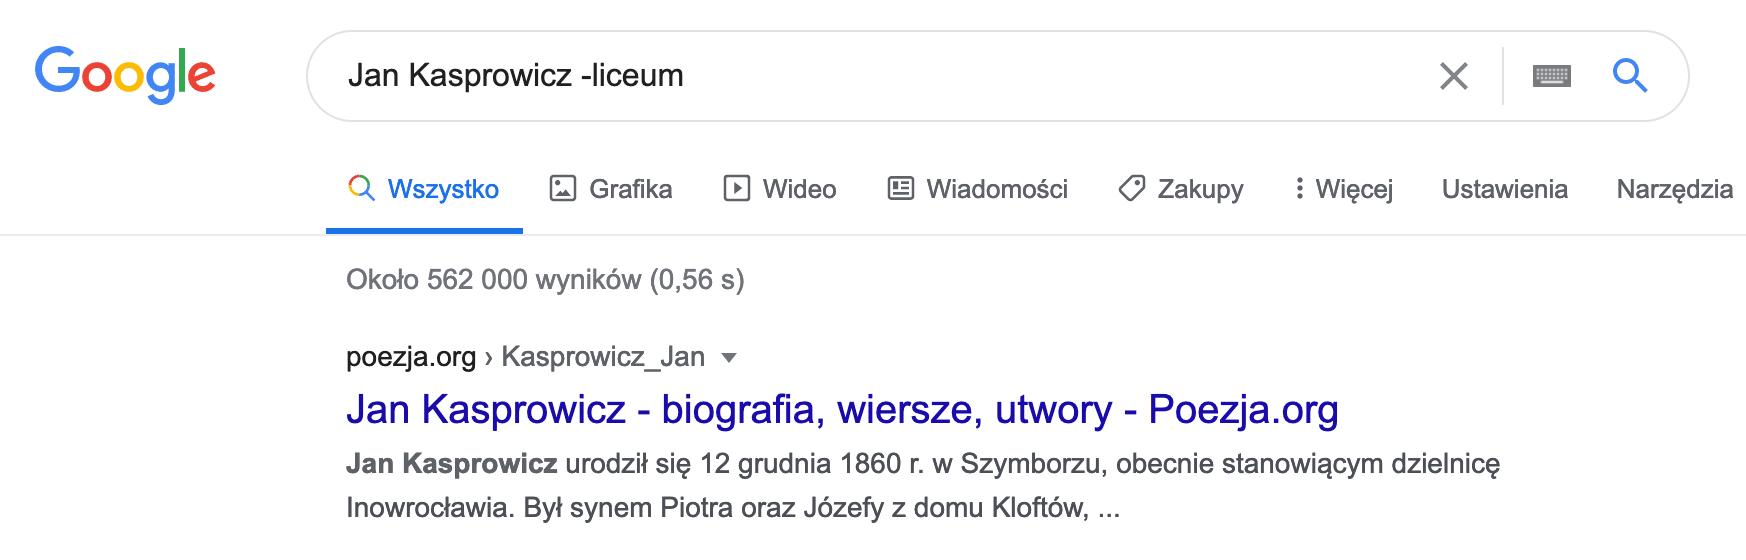 Wyszukiwanie w google - wykluczenia